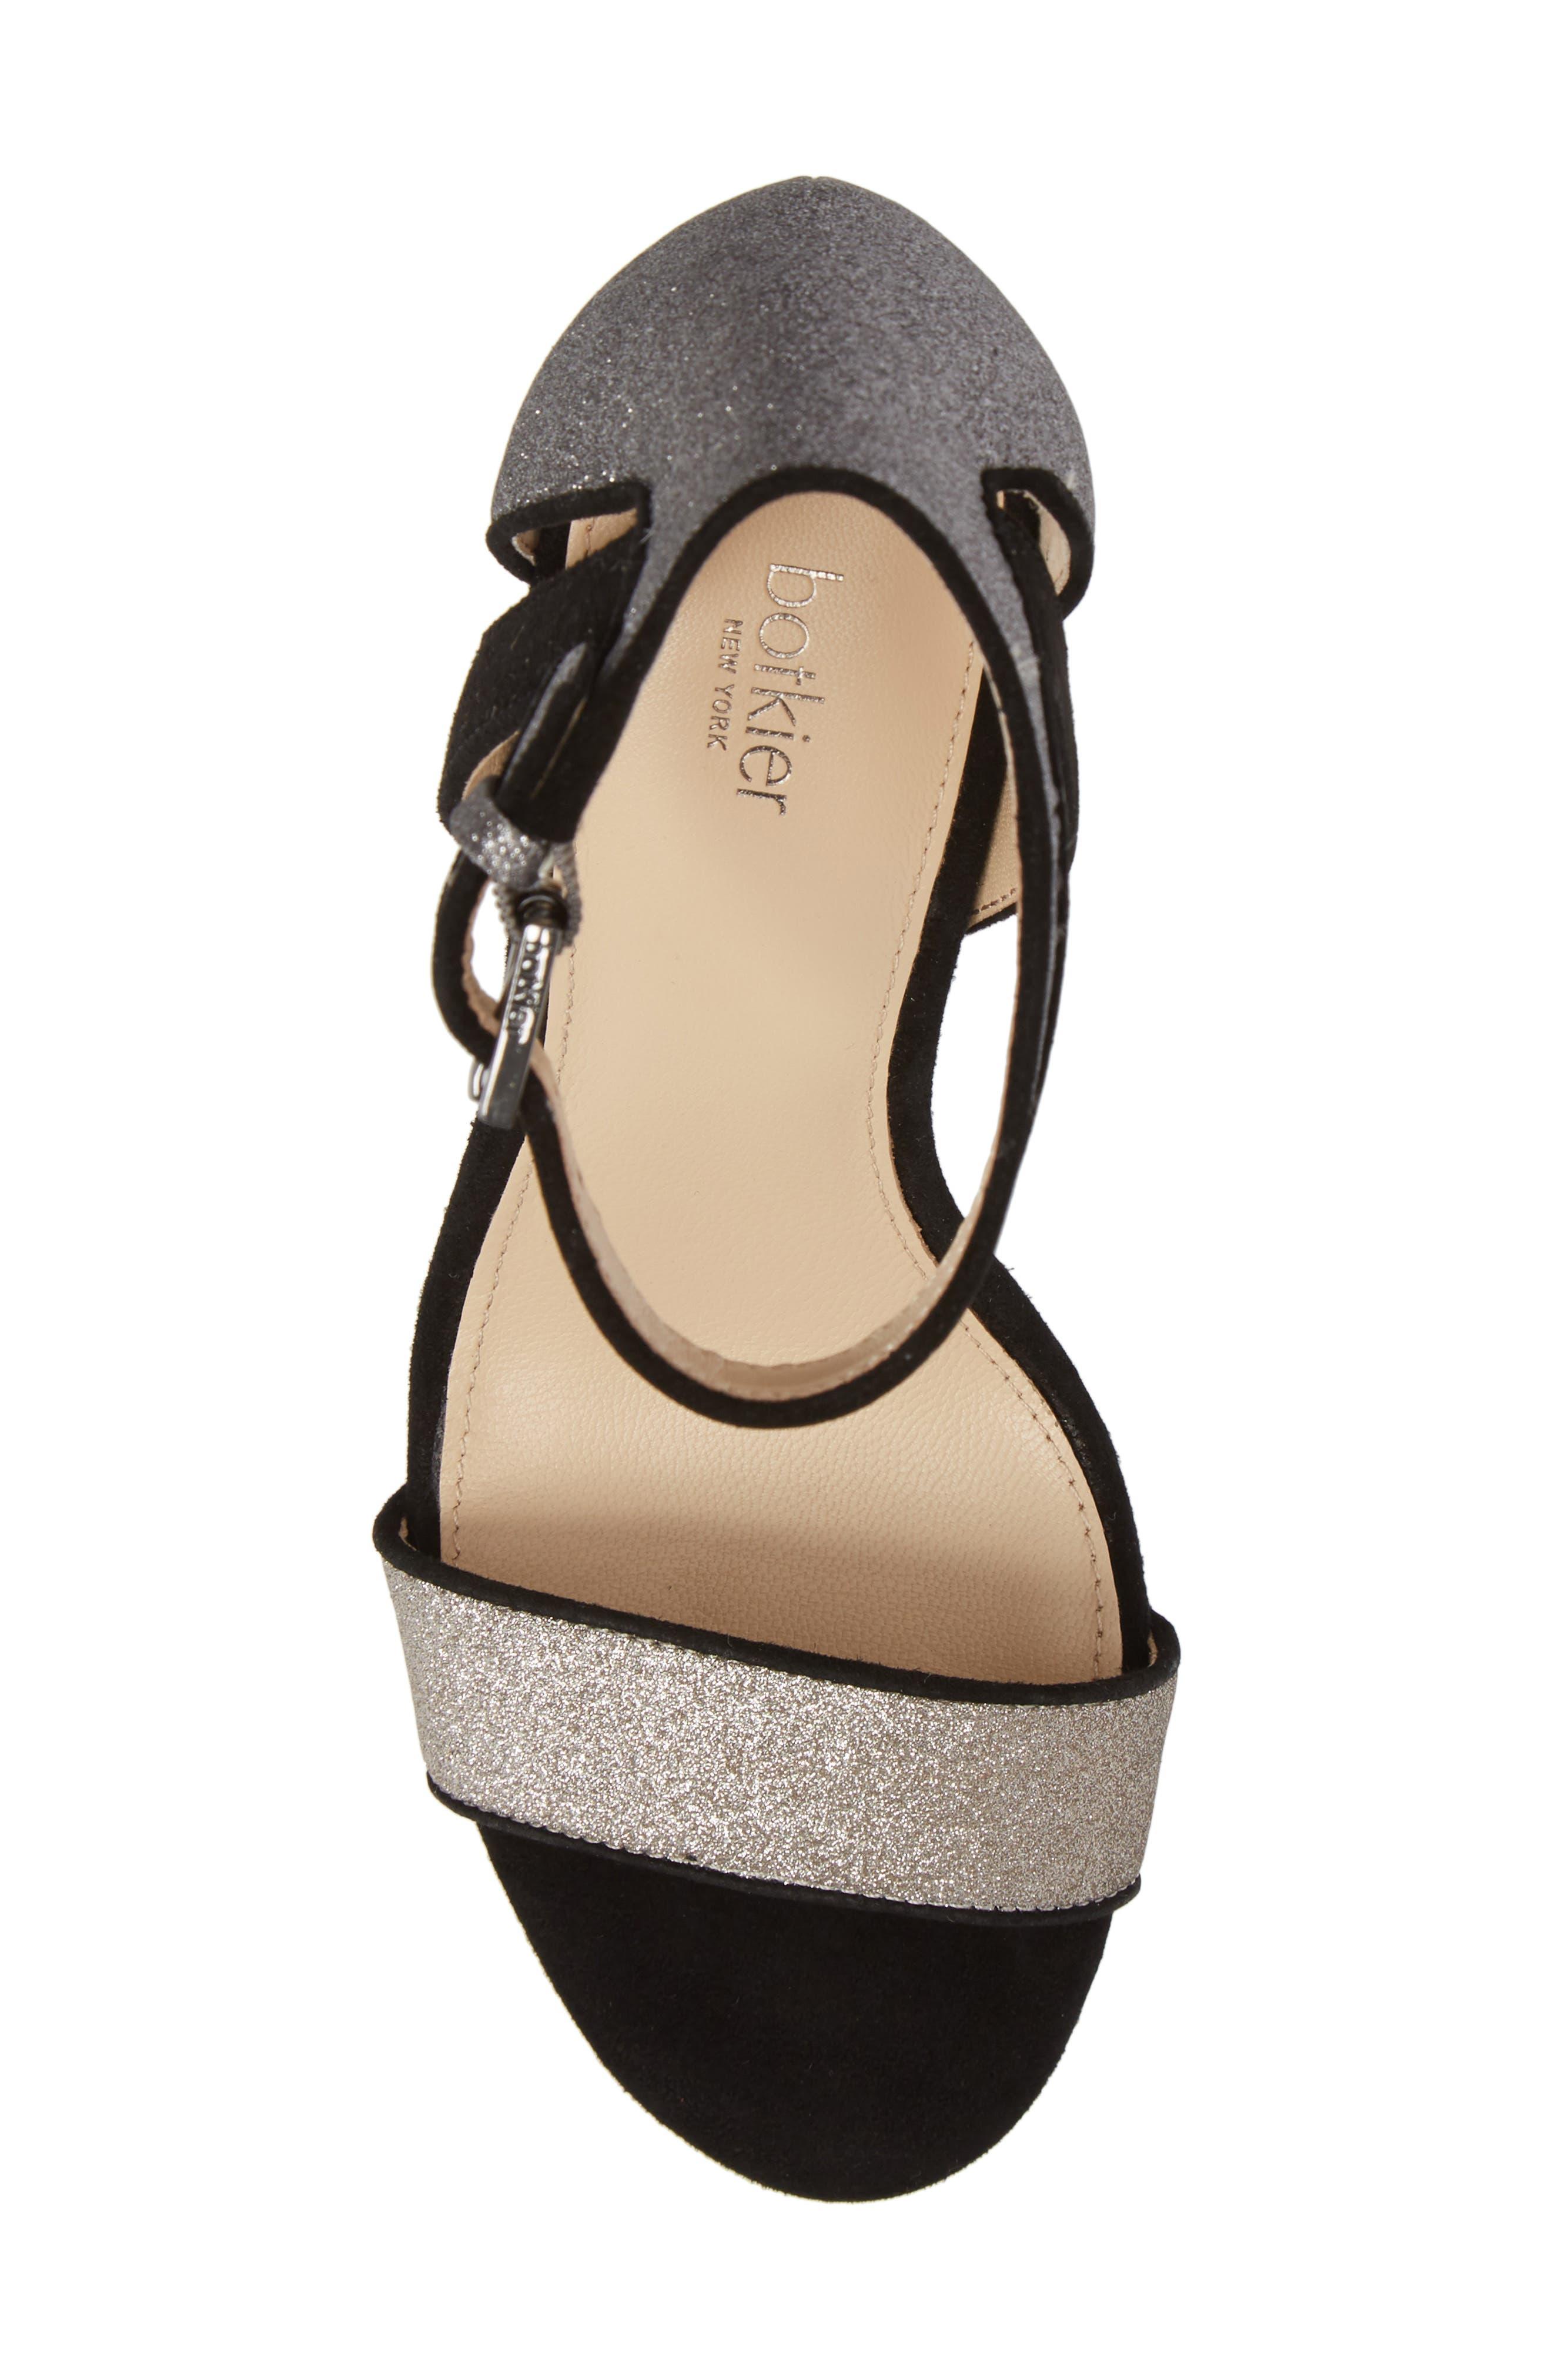 Gianna Ankle Strap Sandal,                             Alternate thumbnail 5, color,                             Gunmetal Glitter